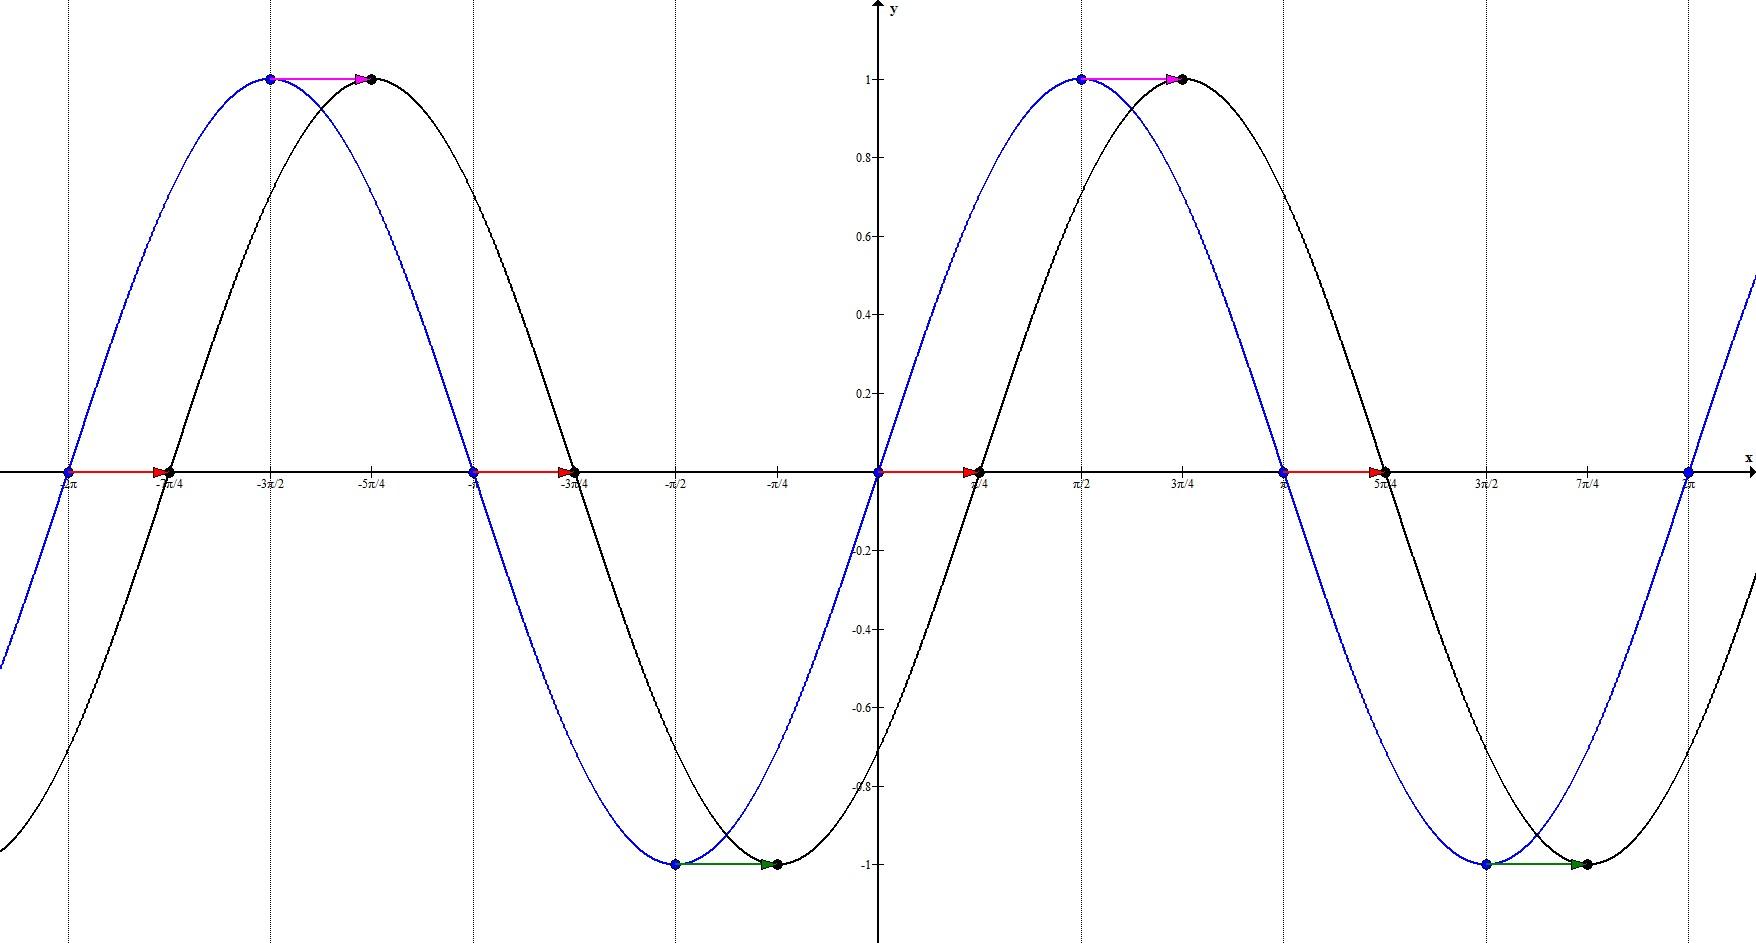 Геометрические преобразования. Параллельный перенос по Ох. Пример 3.